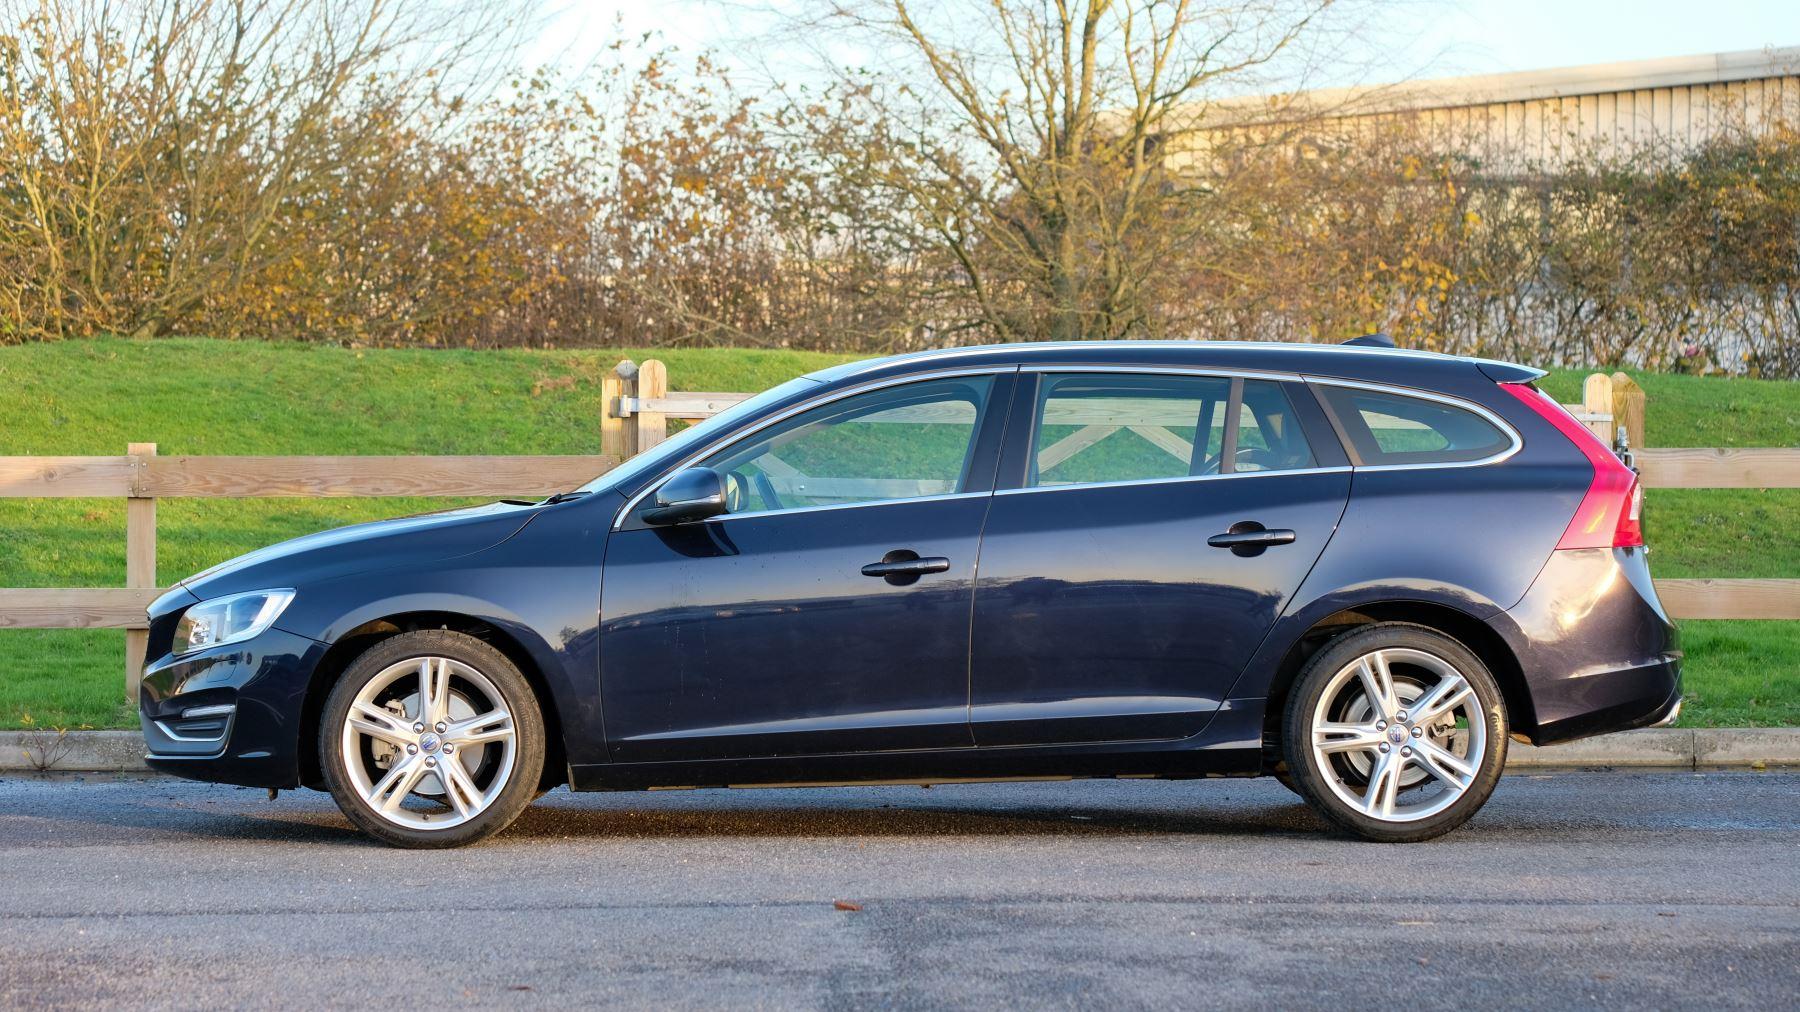 Volvo V60 D4 SE Lux Nav Auto, Winter Illumination & Family Pack, Sunroof, BLIS, VAT Reclaimable image 4